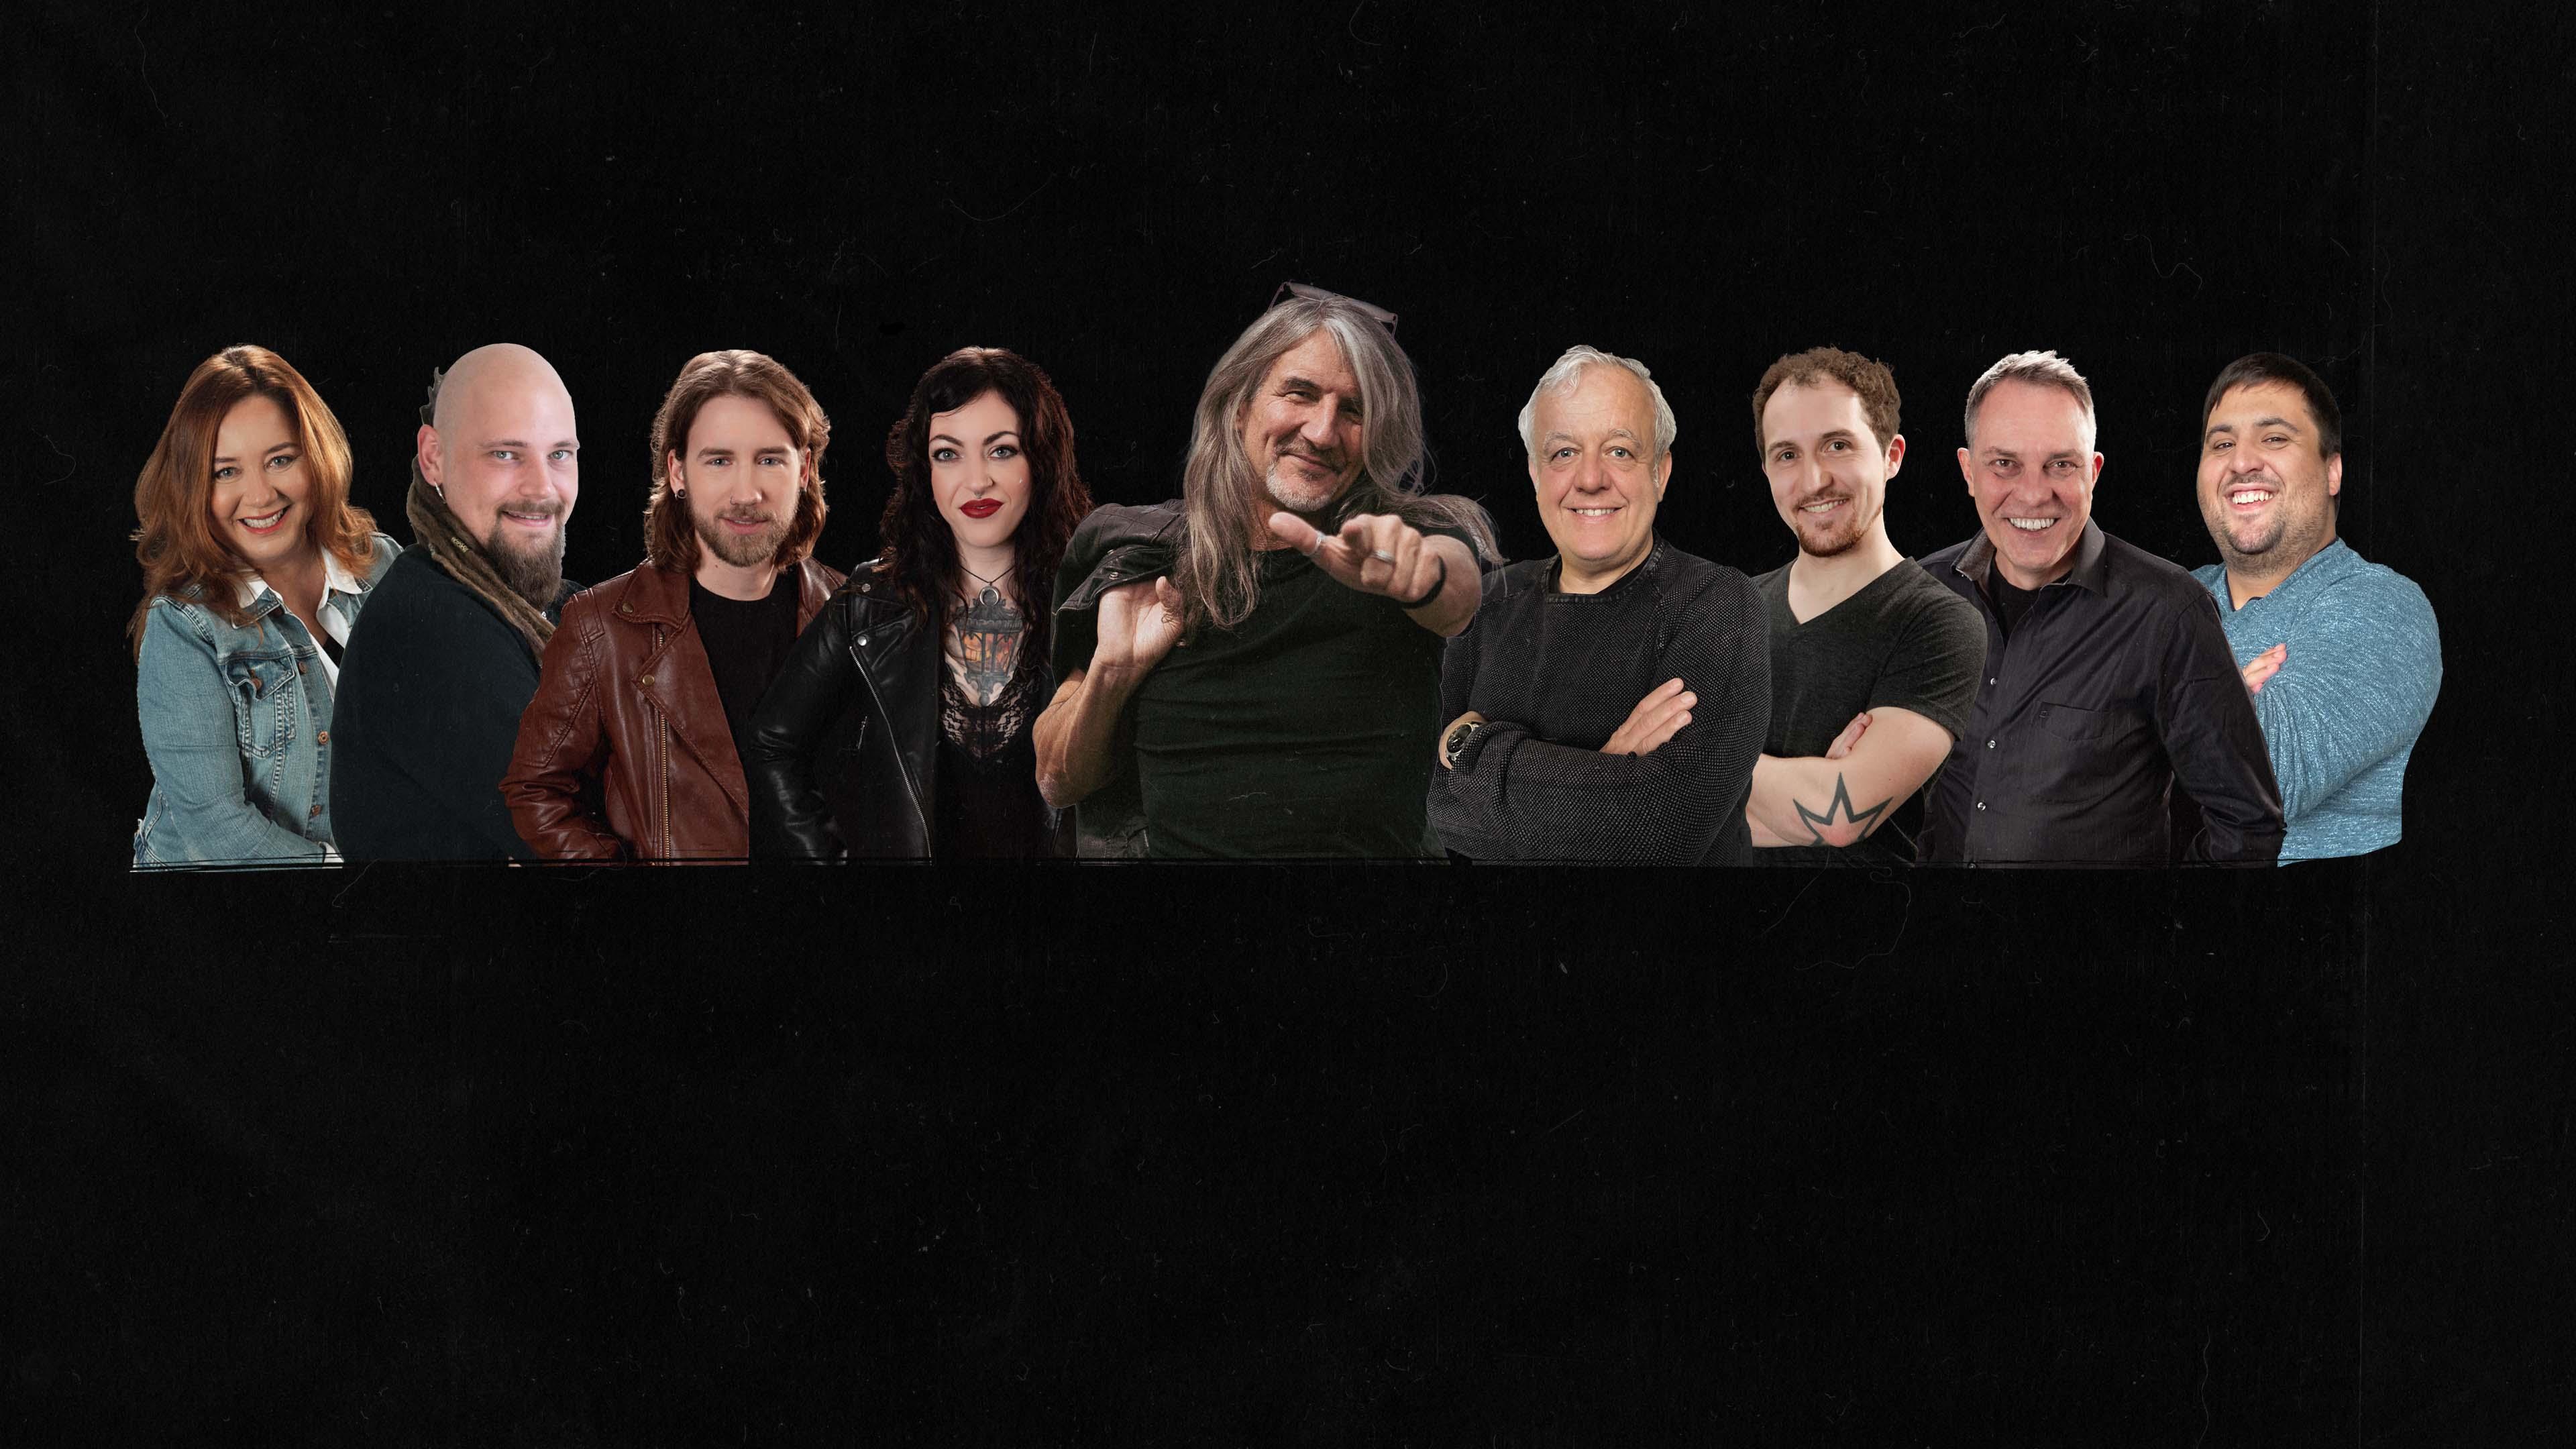 Das Team hinter der Show